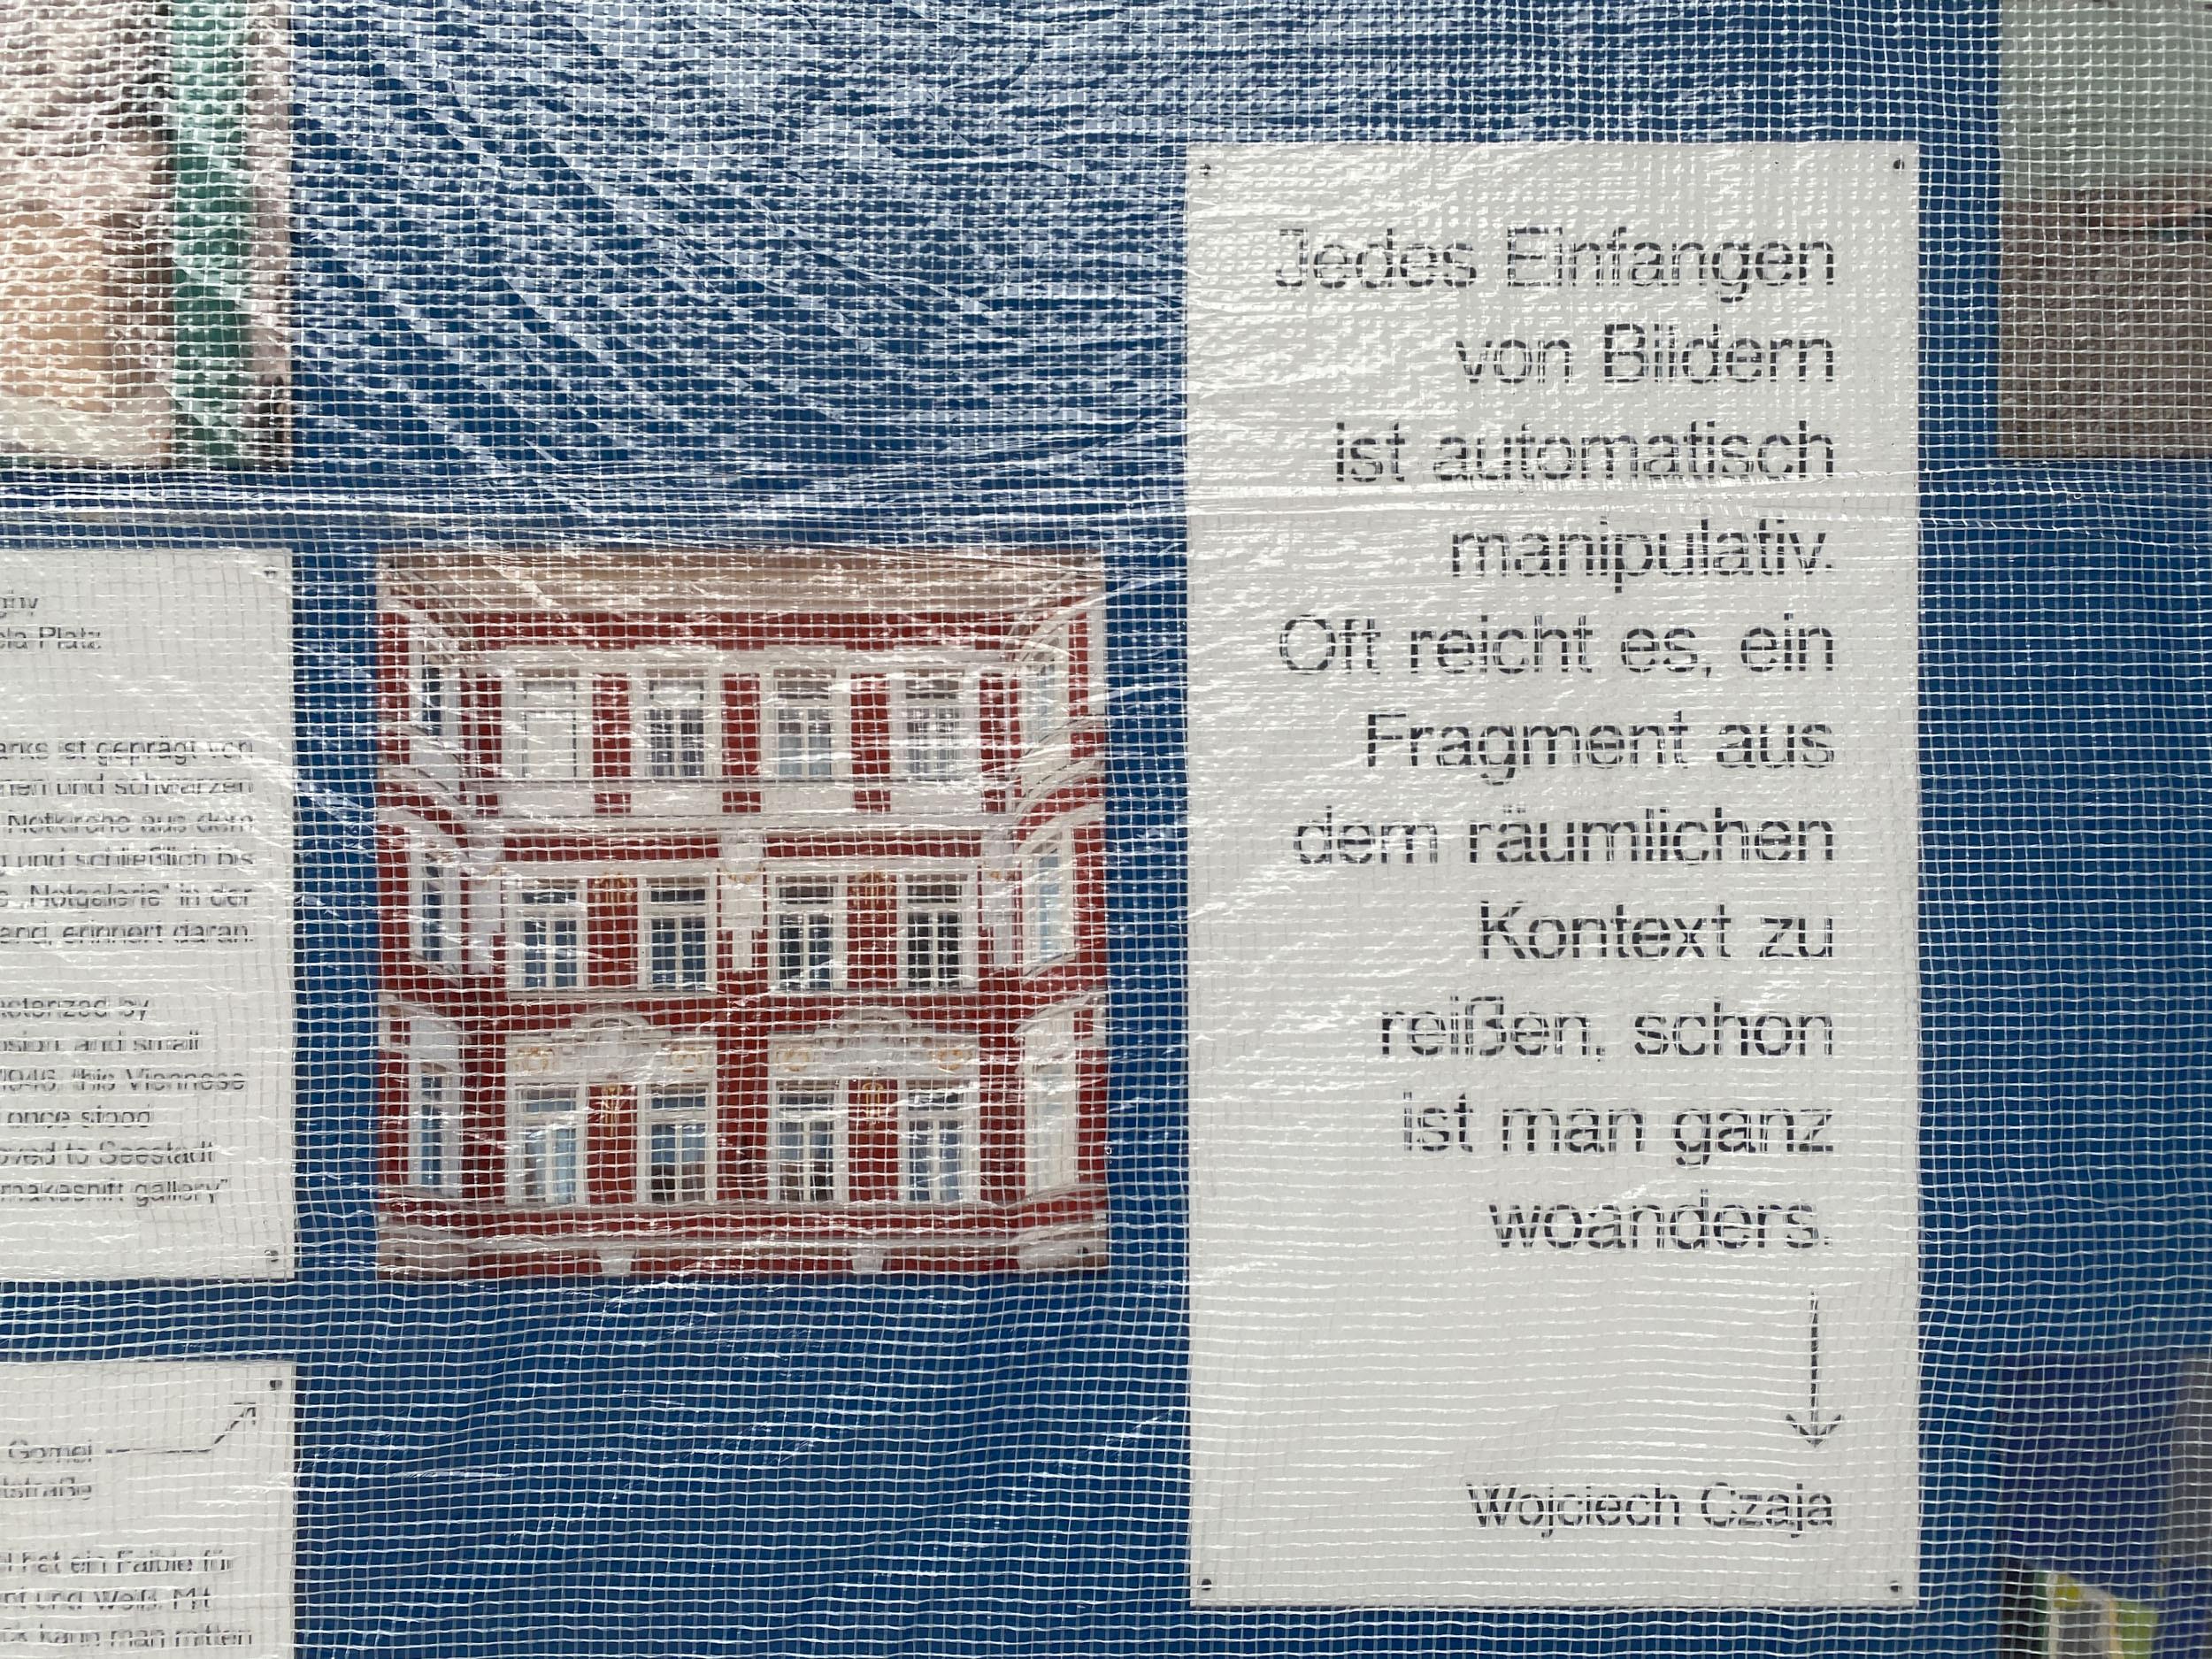 """eSeL Foto: Wojciech Czaja - """"Almost"""" (Wien Museum Karlsplatz Baustellenzaun, 11.2. - 28.3.2021)"""